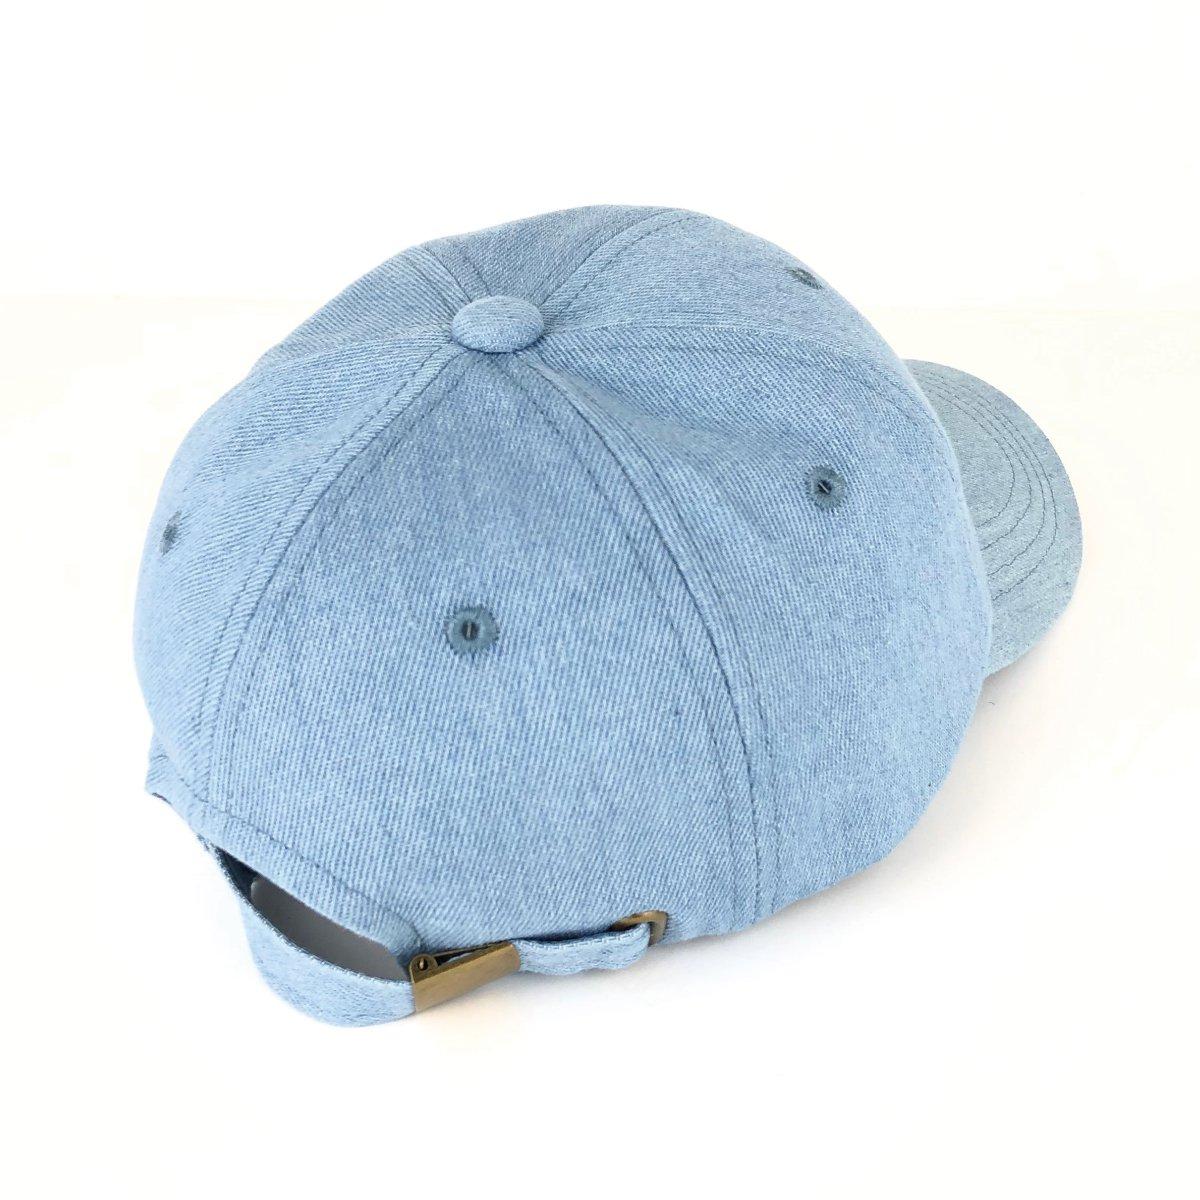 Denim Wappen Cap 詳細画像11